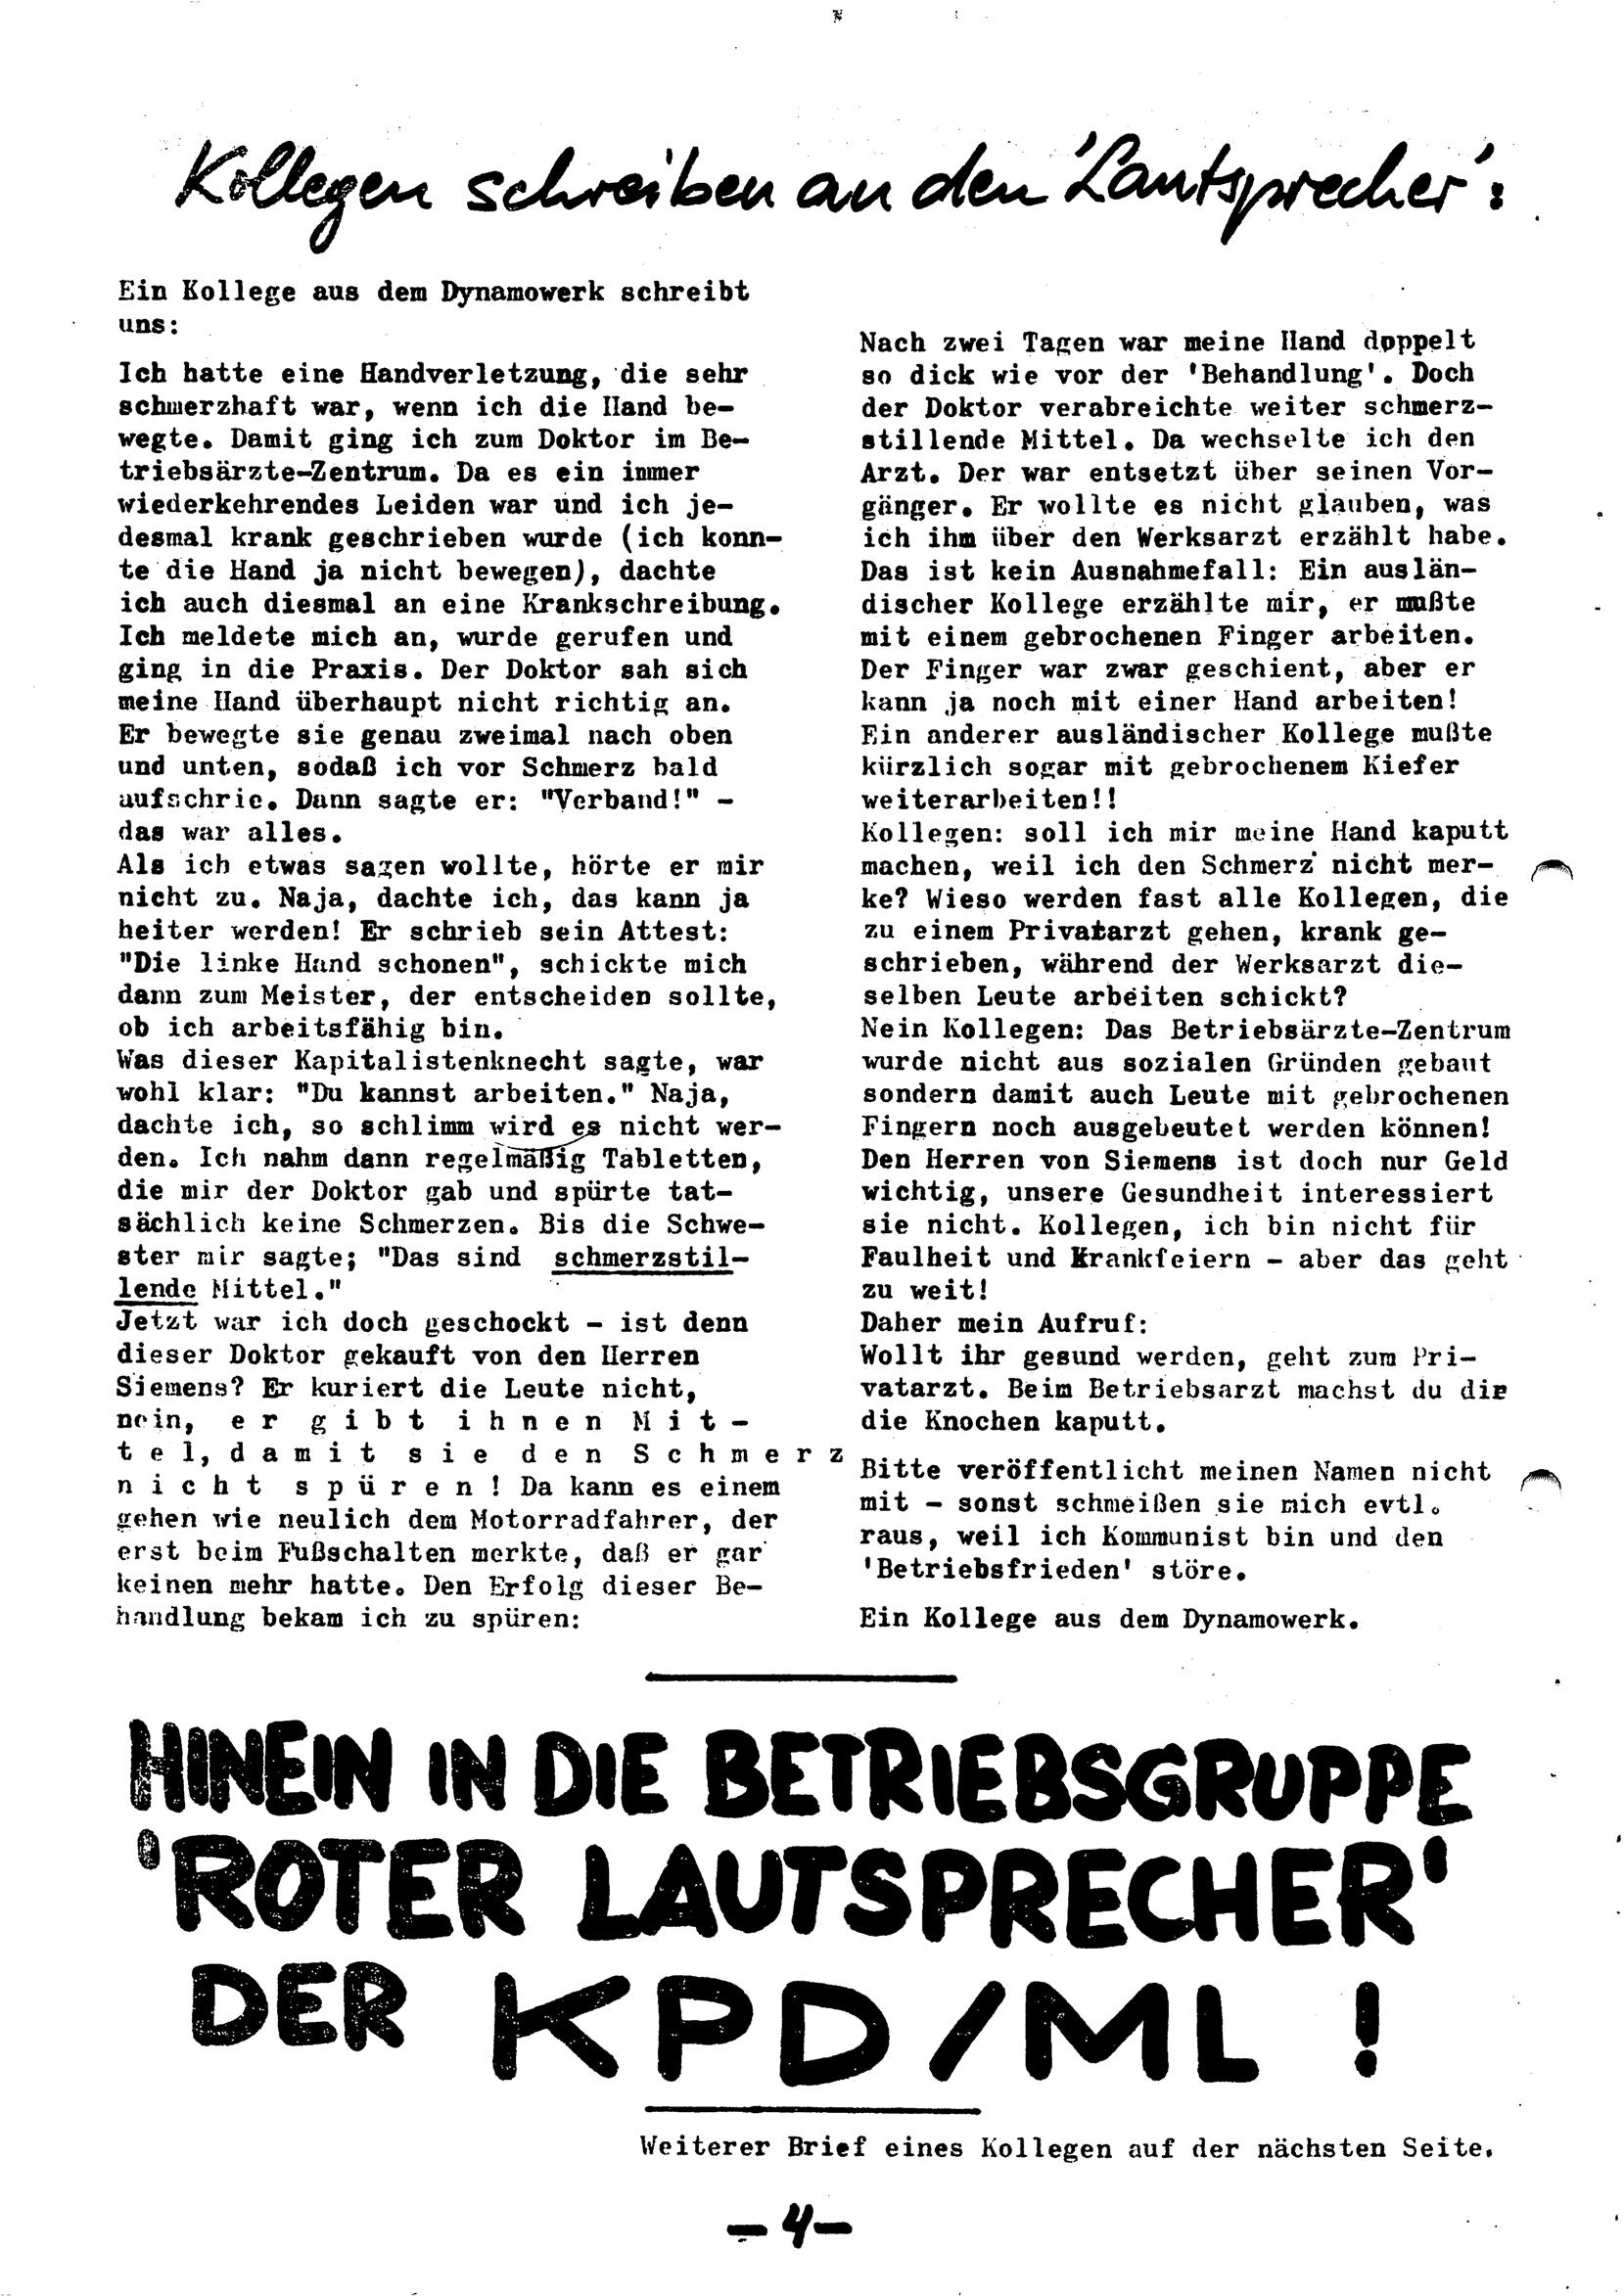 Berlin_Lautsprecher018